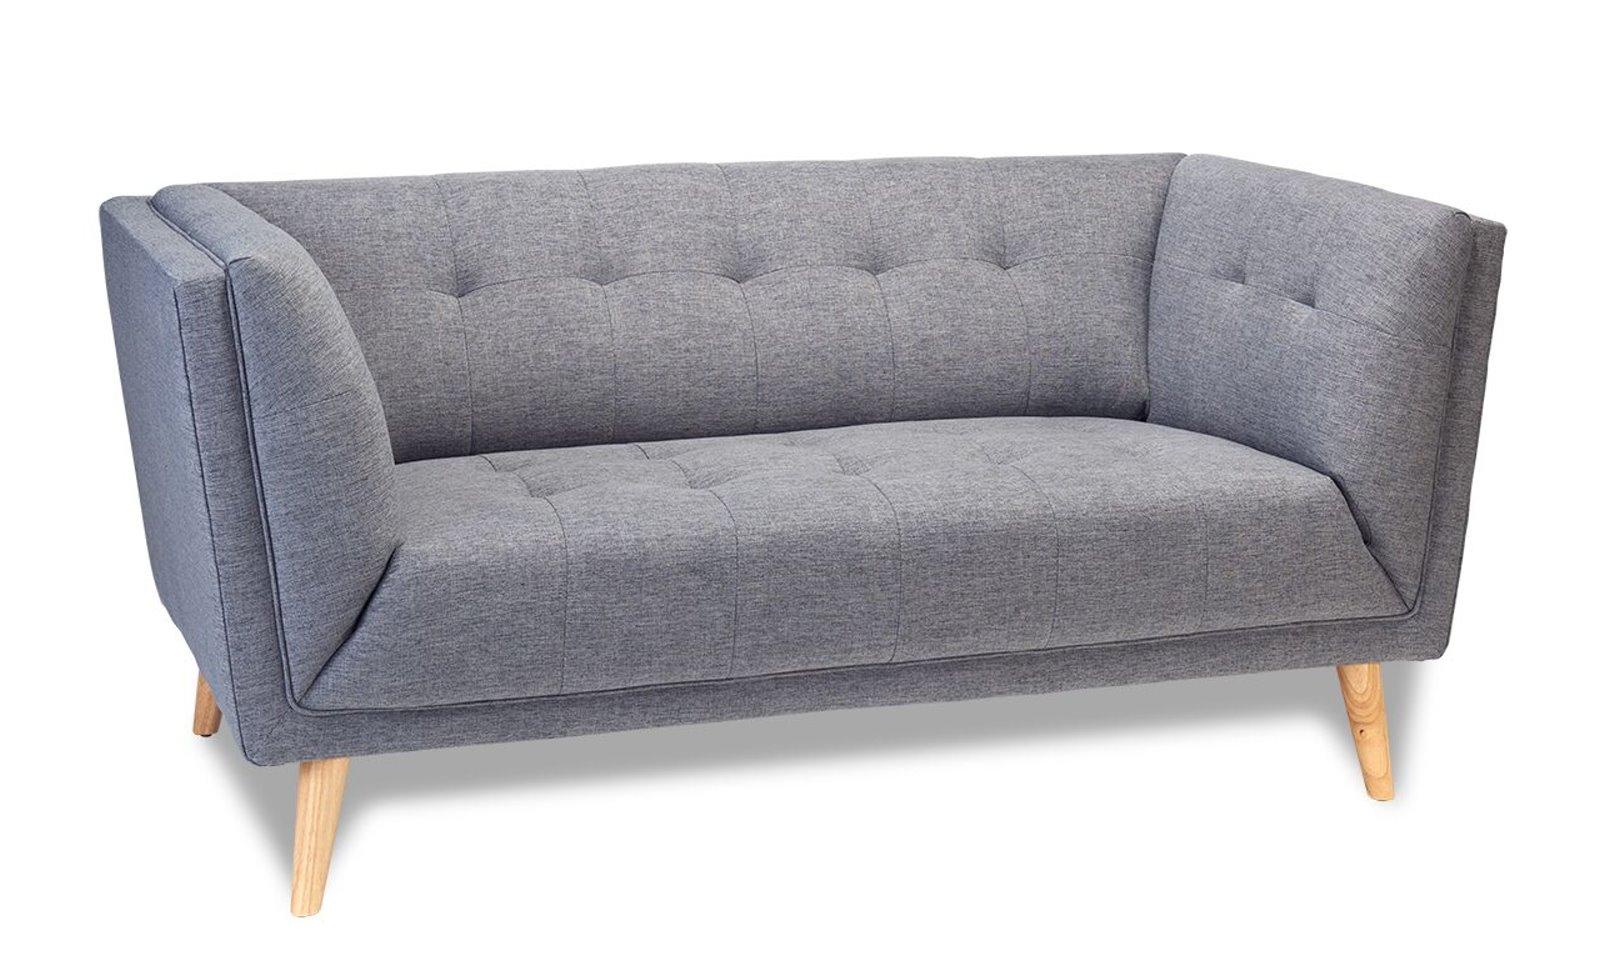 pkline sofa prim in grau couch wohnlandschaft wohnzimmer. Black Bedroom Furniture Sets. Home Design Ideas